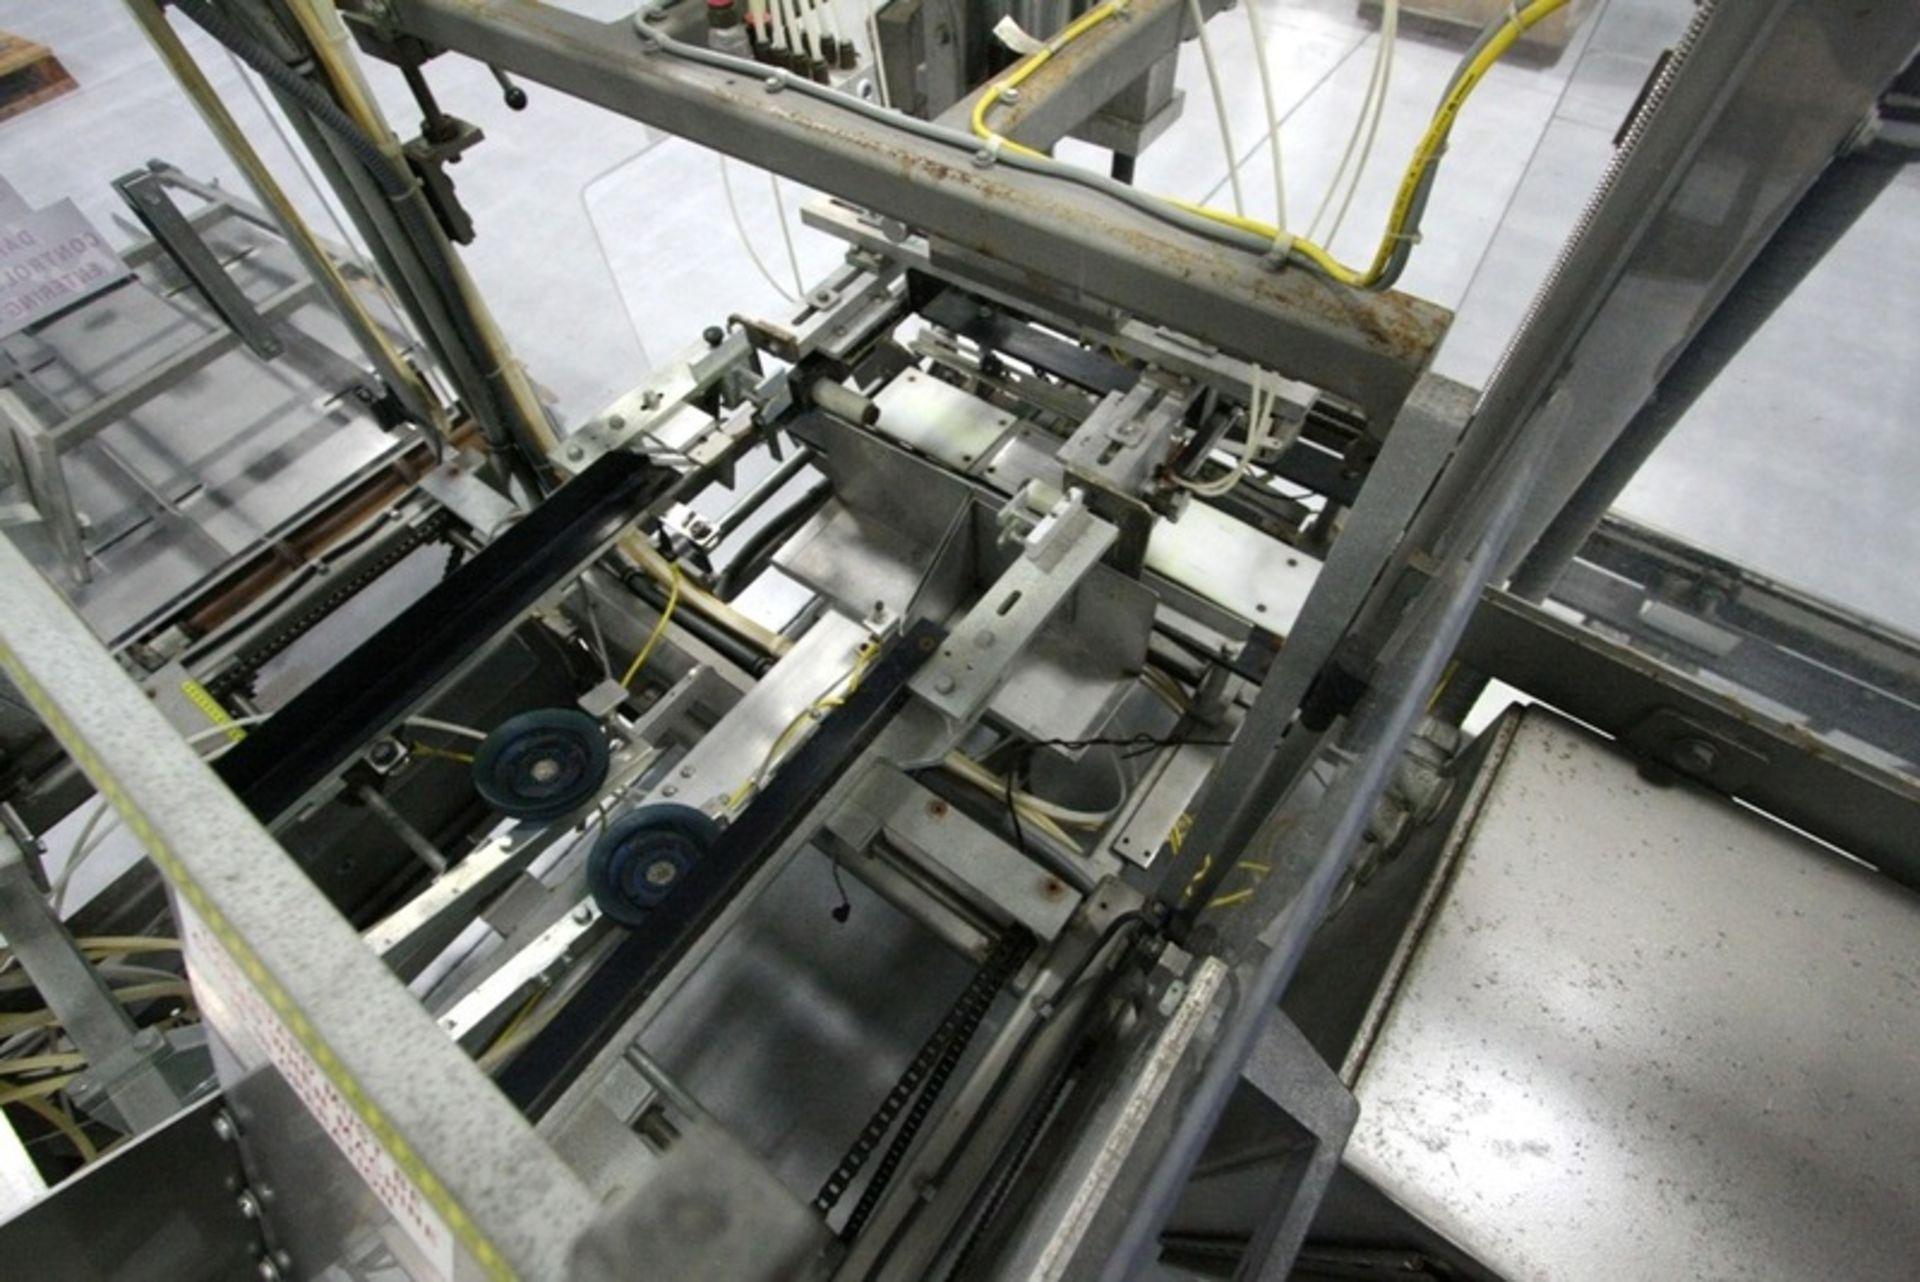 Moen BL901 Case Lidder - Image 8 of 9